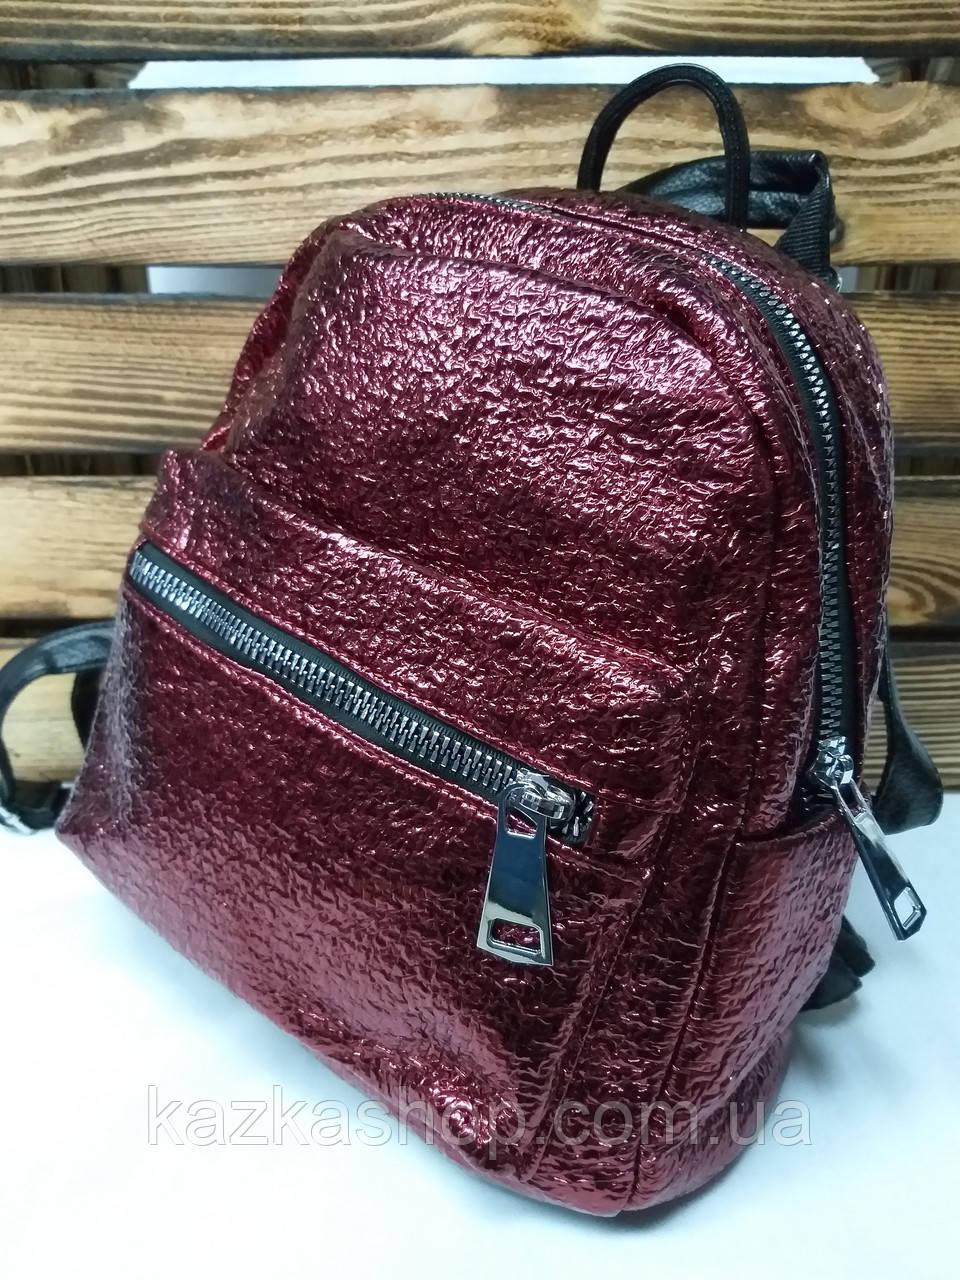 Женская сумка-рюкзак 2 в 1 металлизированного цвета марсал, маленького размера, дополнительный карман